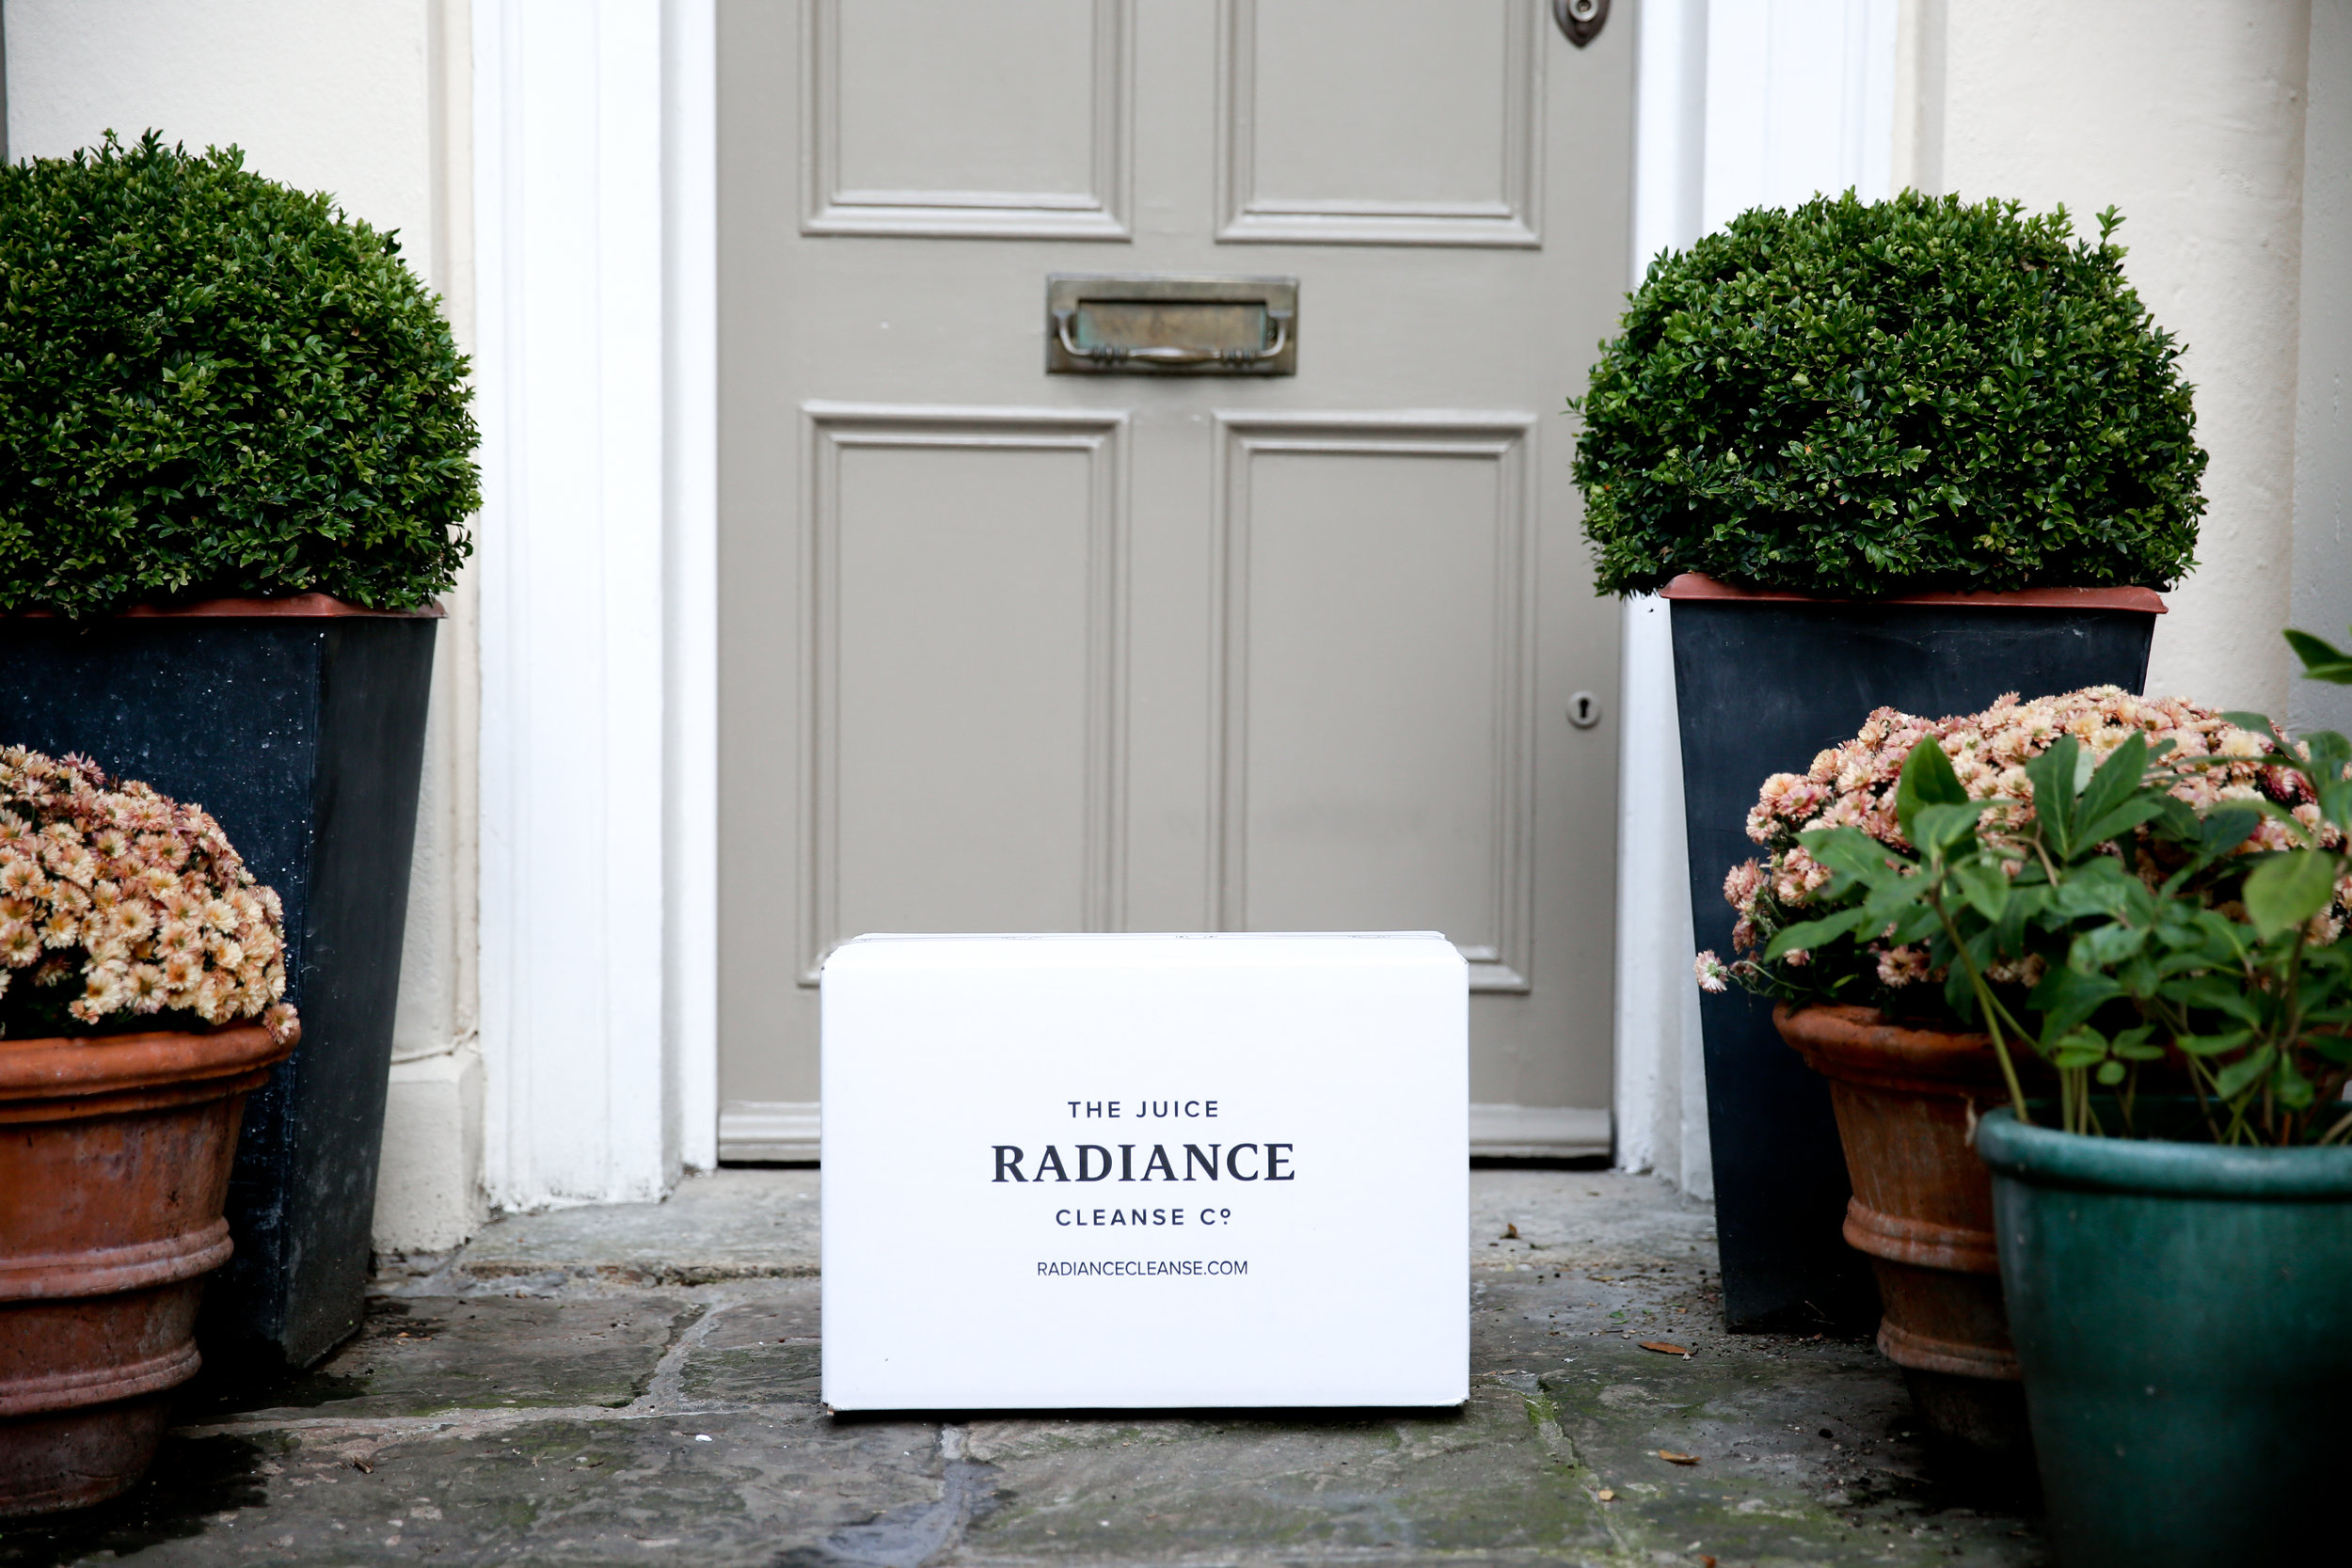 Radiance door.jpg